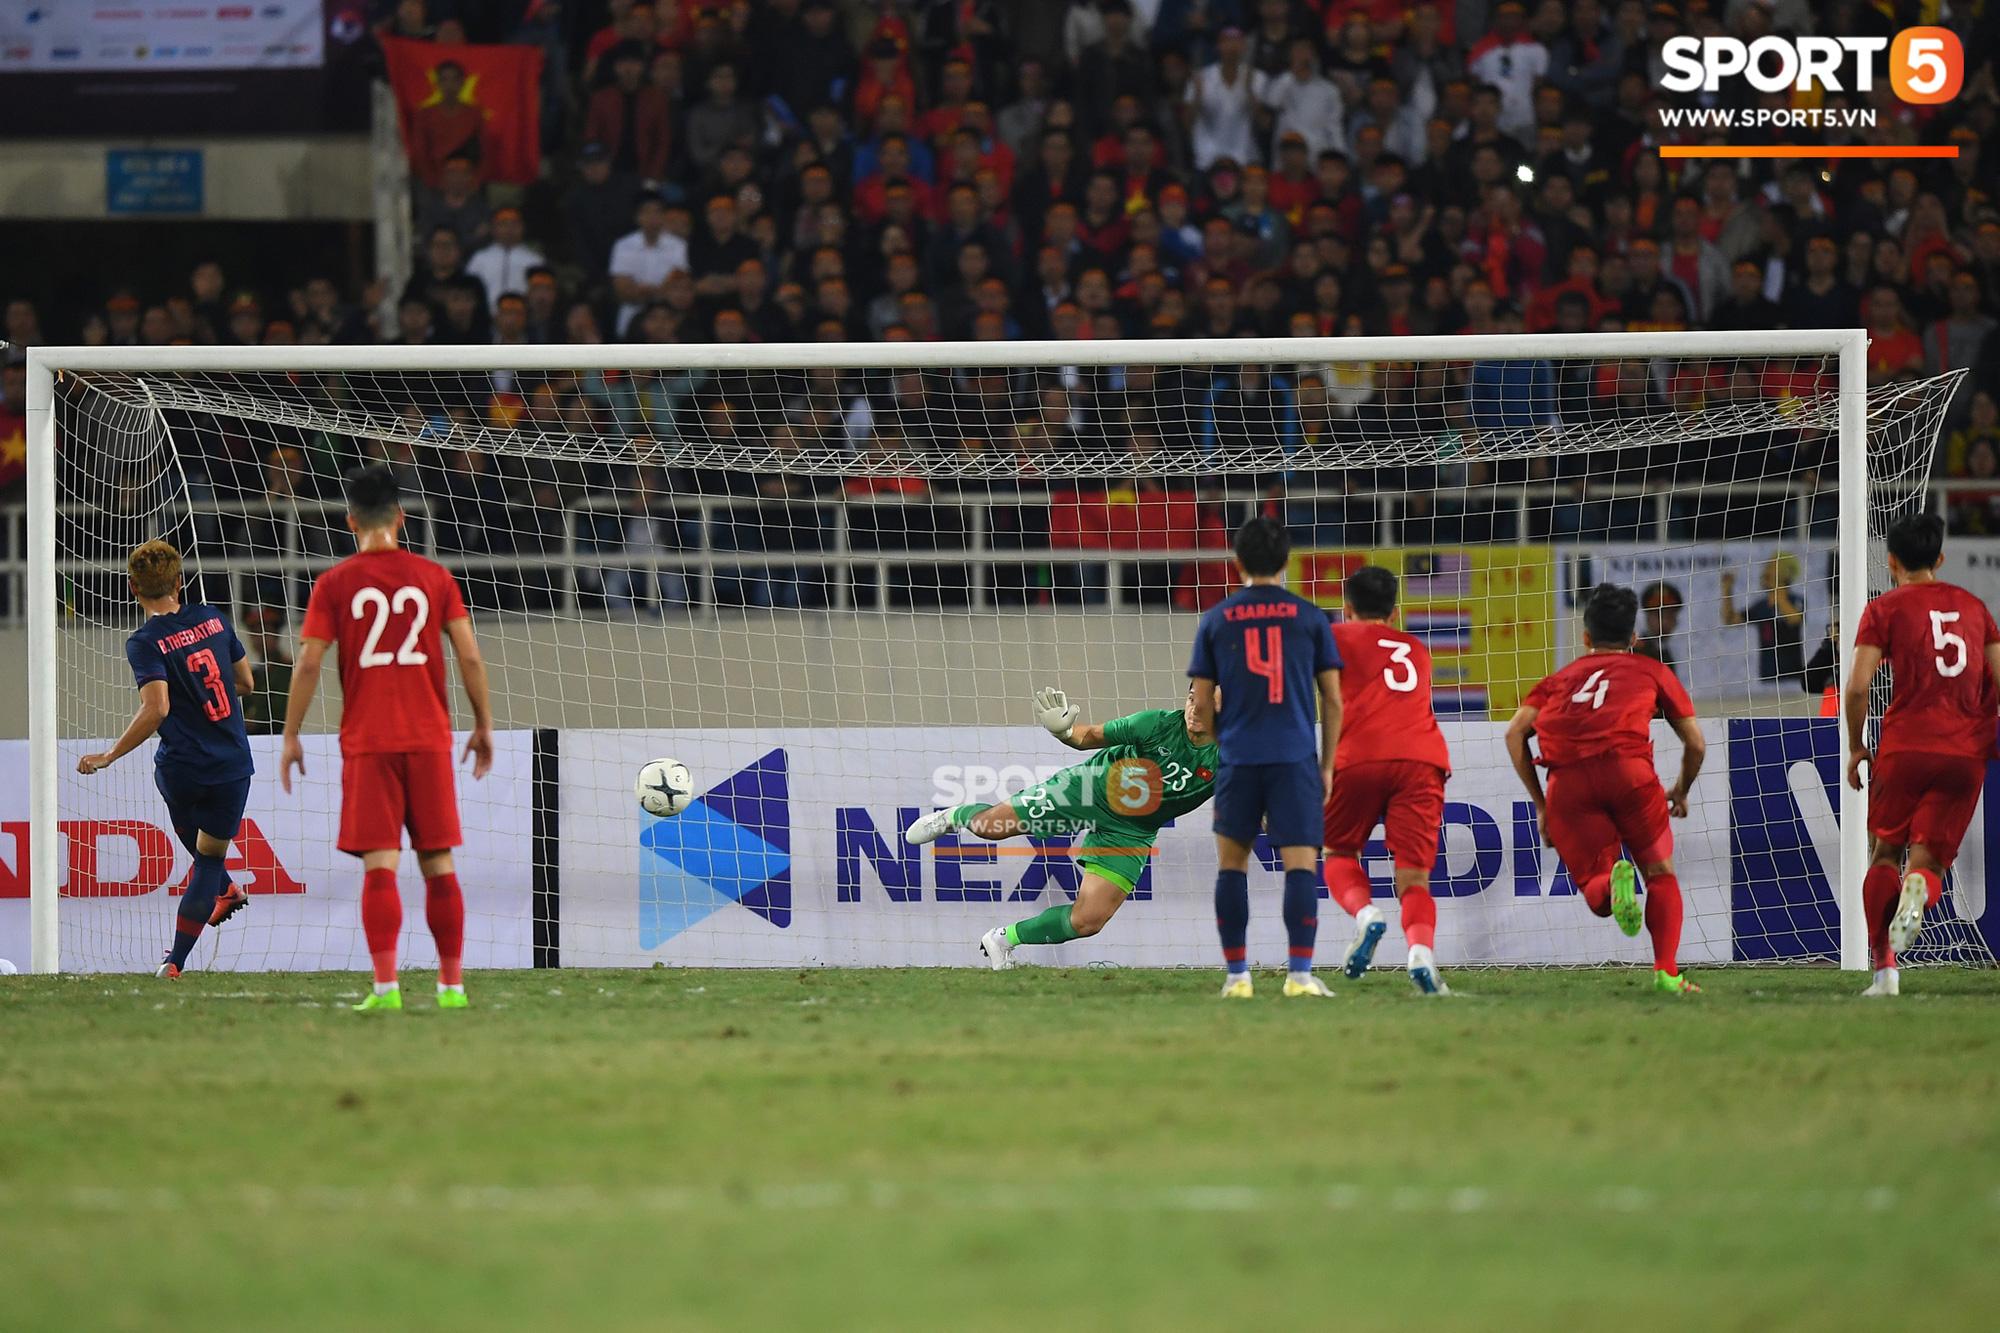 """Báo thể thao hàng đầu Thái Lan thừa nhận quả phạt đền như một phần thưởng của trọng tài, khen Văn Lâm """"trông giống con bạch tuộc khổng lồ"""" - Ảnh 1."""